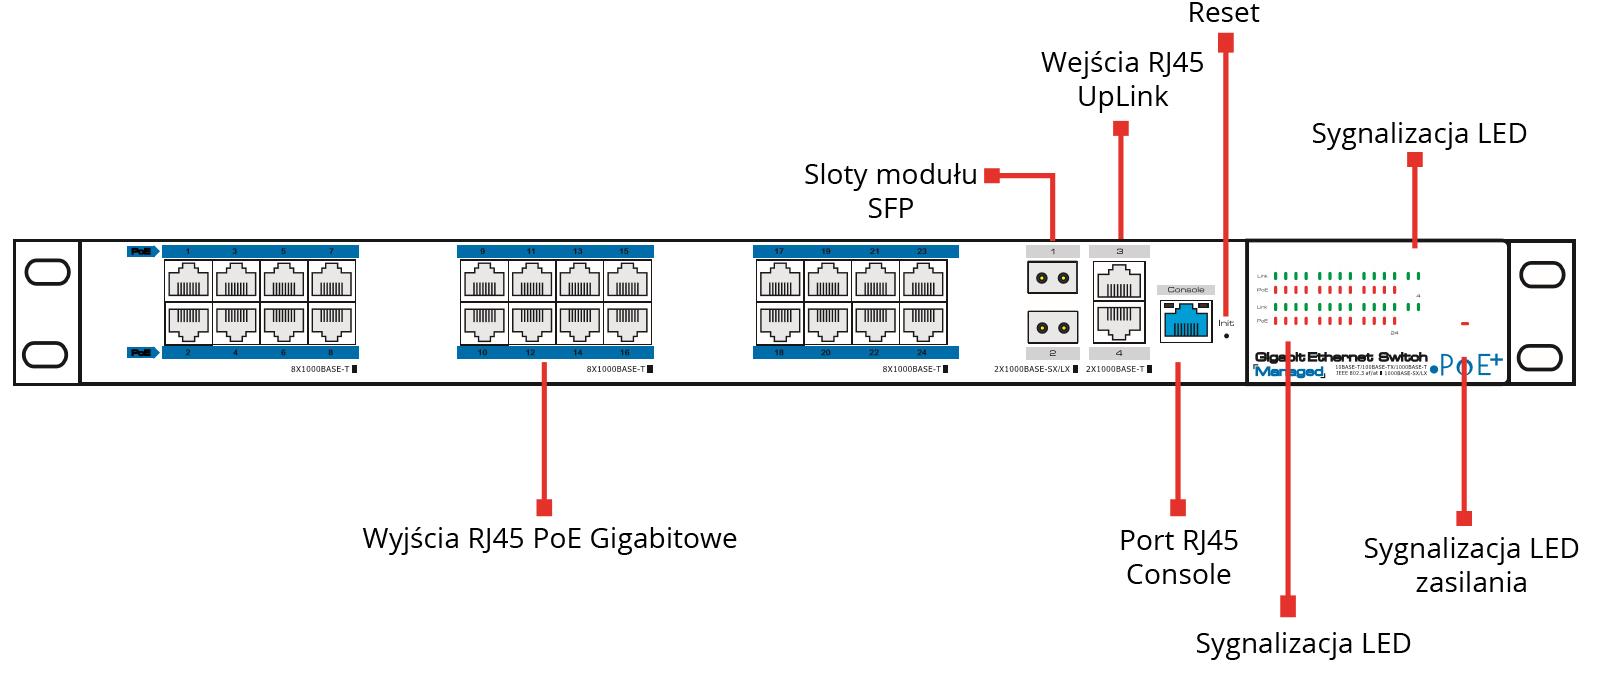 PX-SW24G-SPL2-U4GF - Opis panelu switcha PoE.